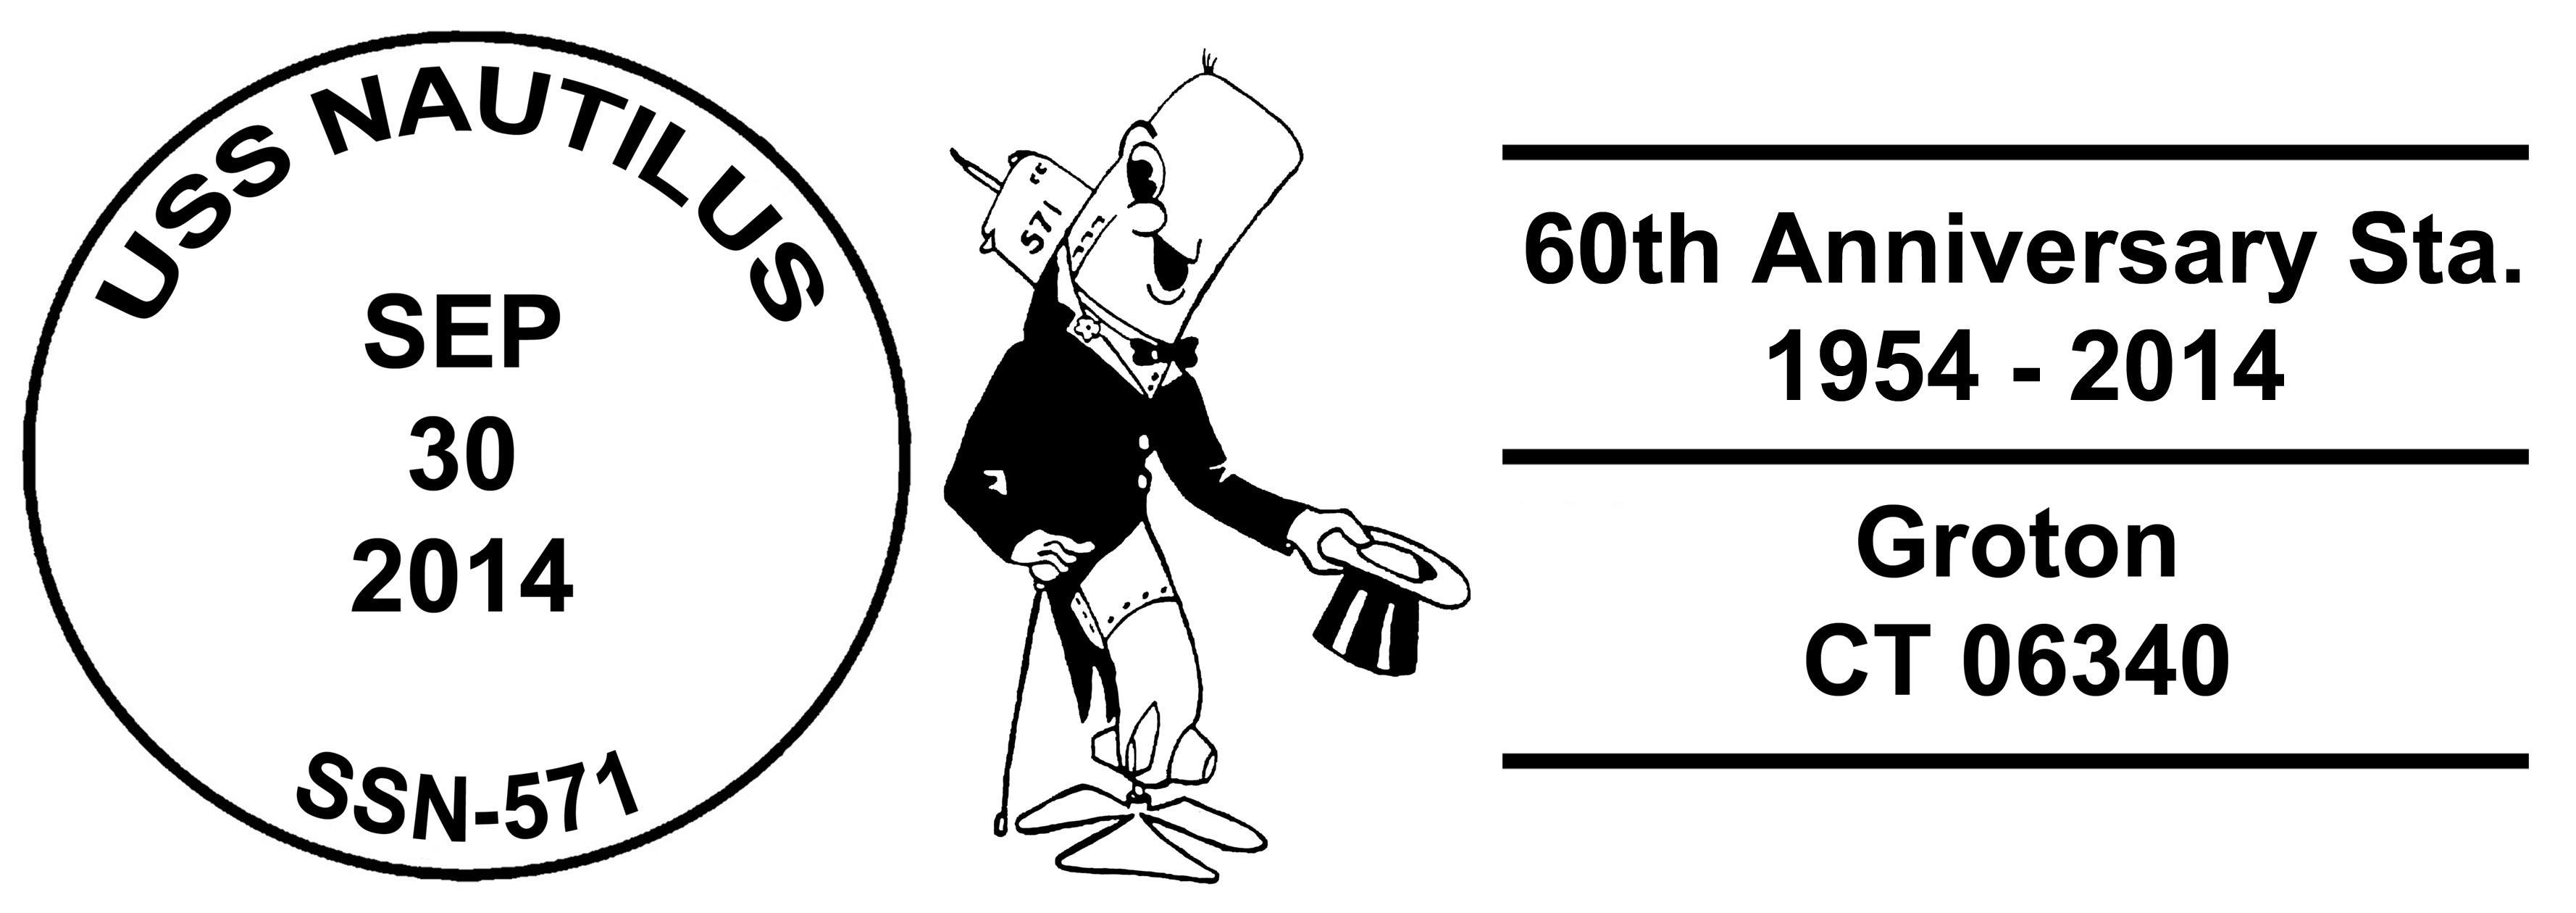 Sonderpoststempel USS NAUTILUS SSN-571 zum 60. Jahrestag der Indienststellung Design: Wolfgang Hechler